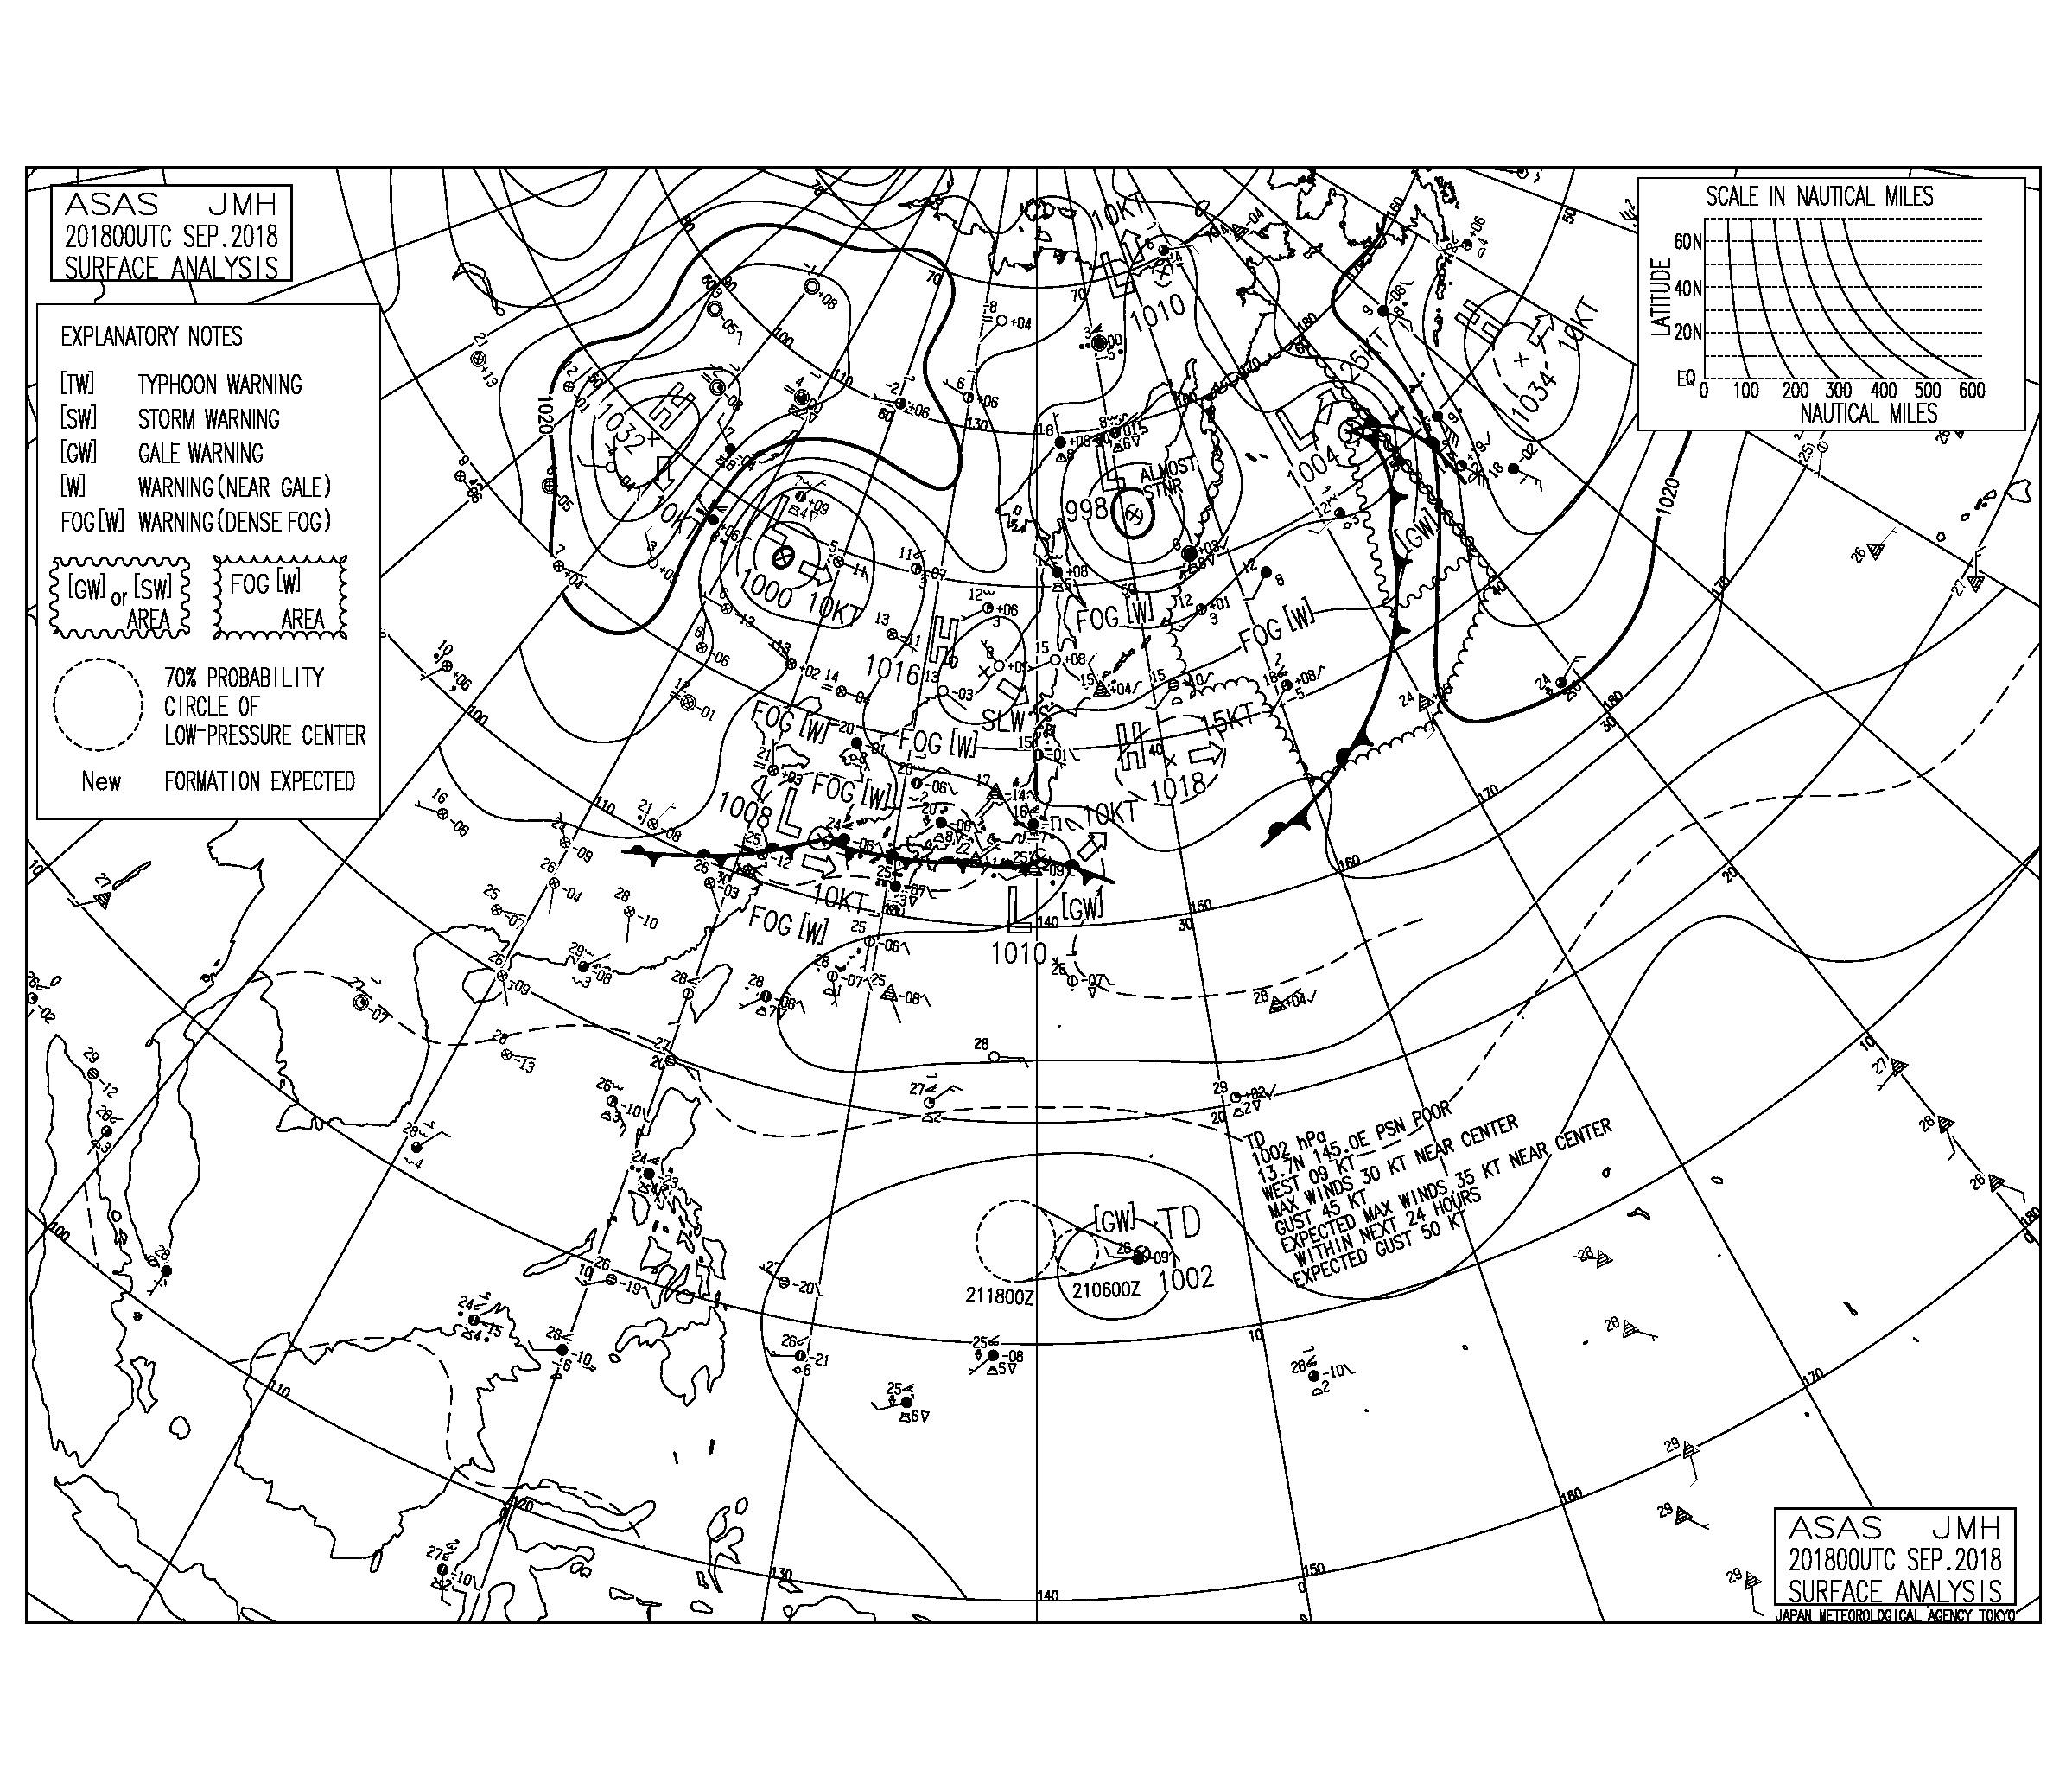 9/21 気圧配置と波情報~強い北寄りの風で湘南はフラット、南の海上には熱帯低気圧が発生